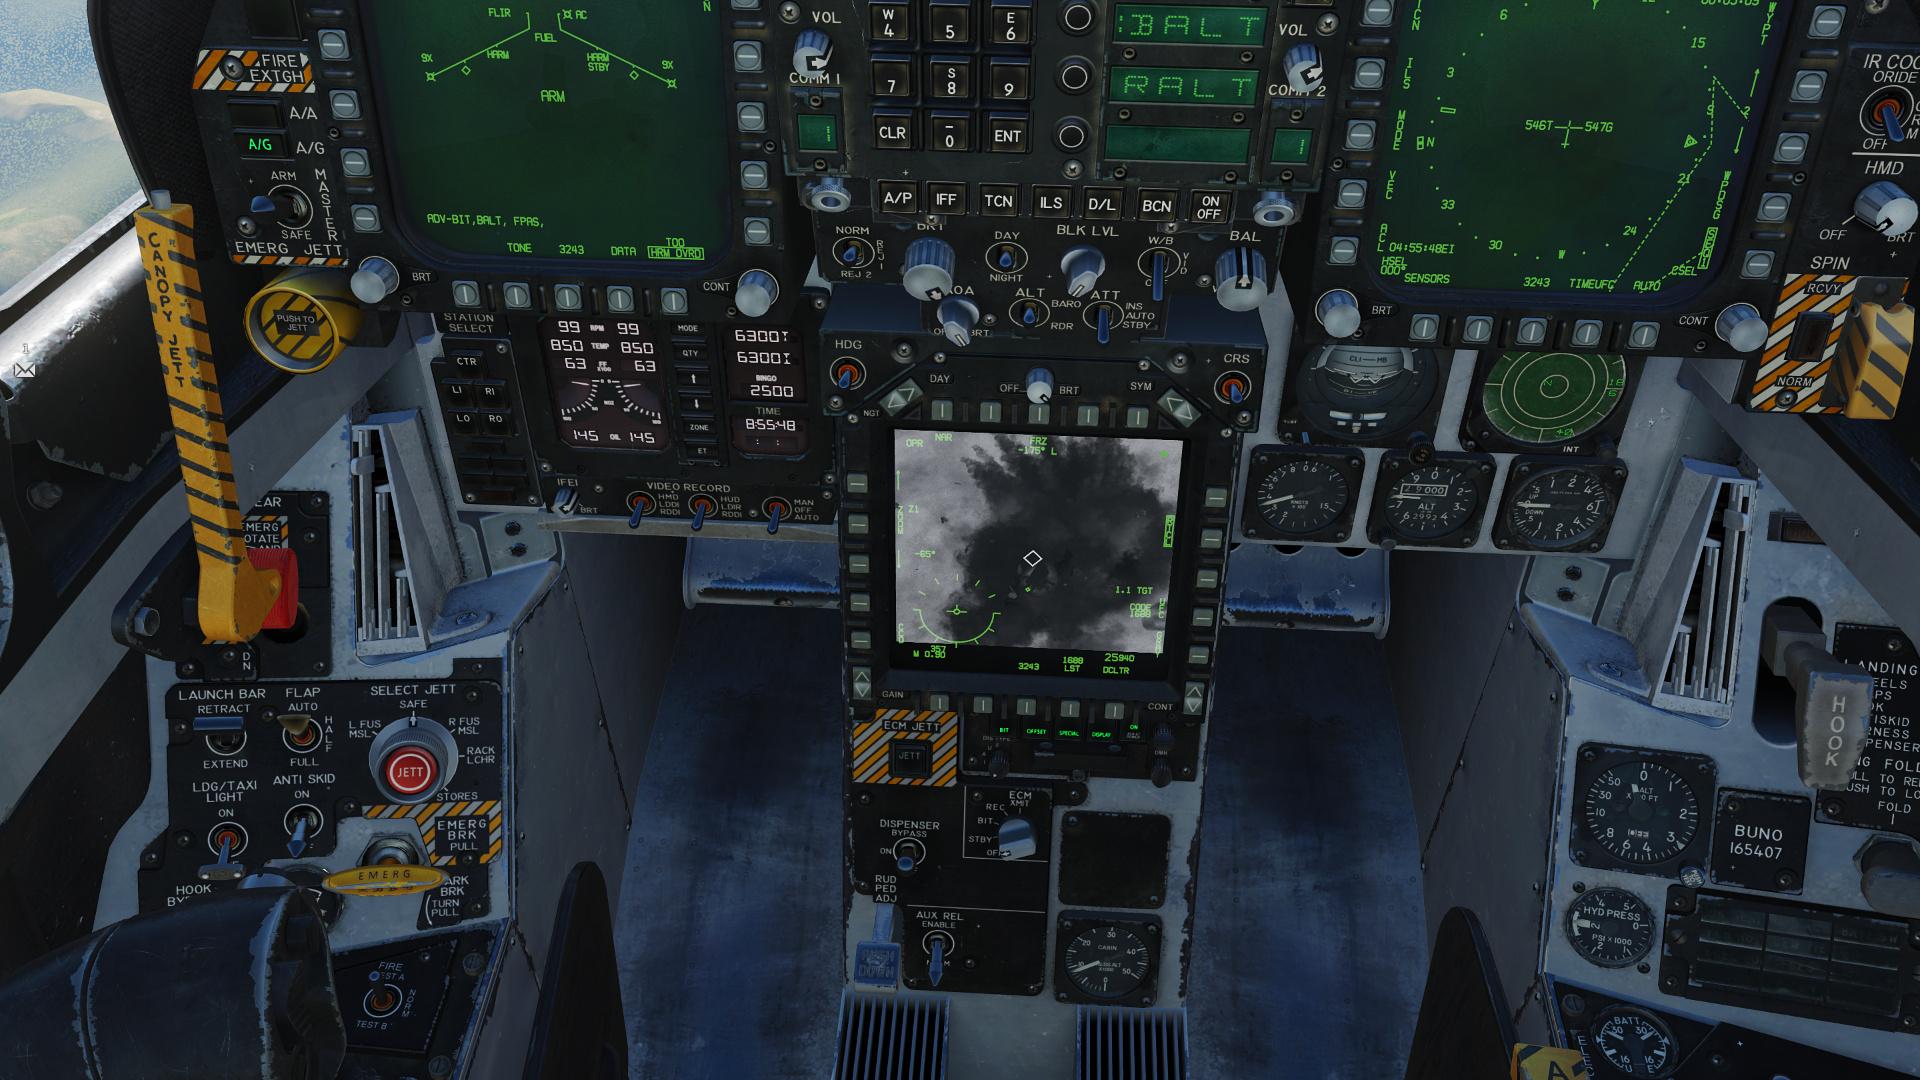 screen_200704_223231.g6kxu.jpg